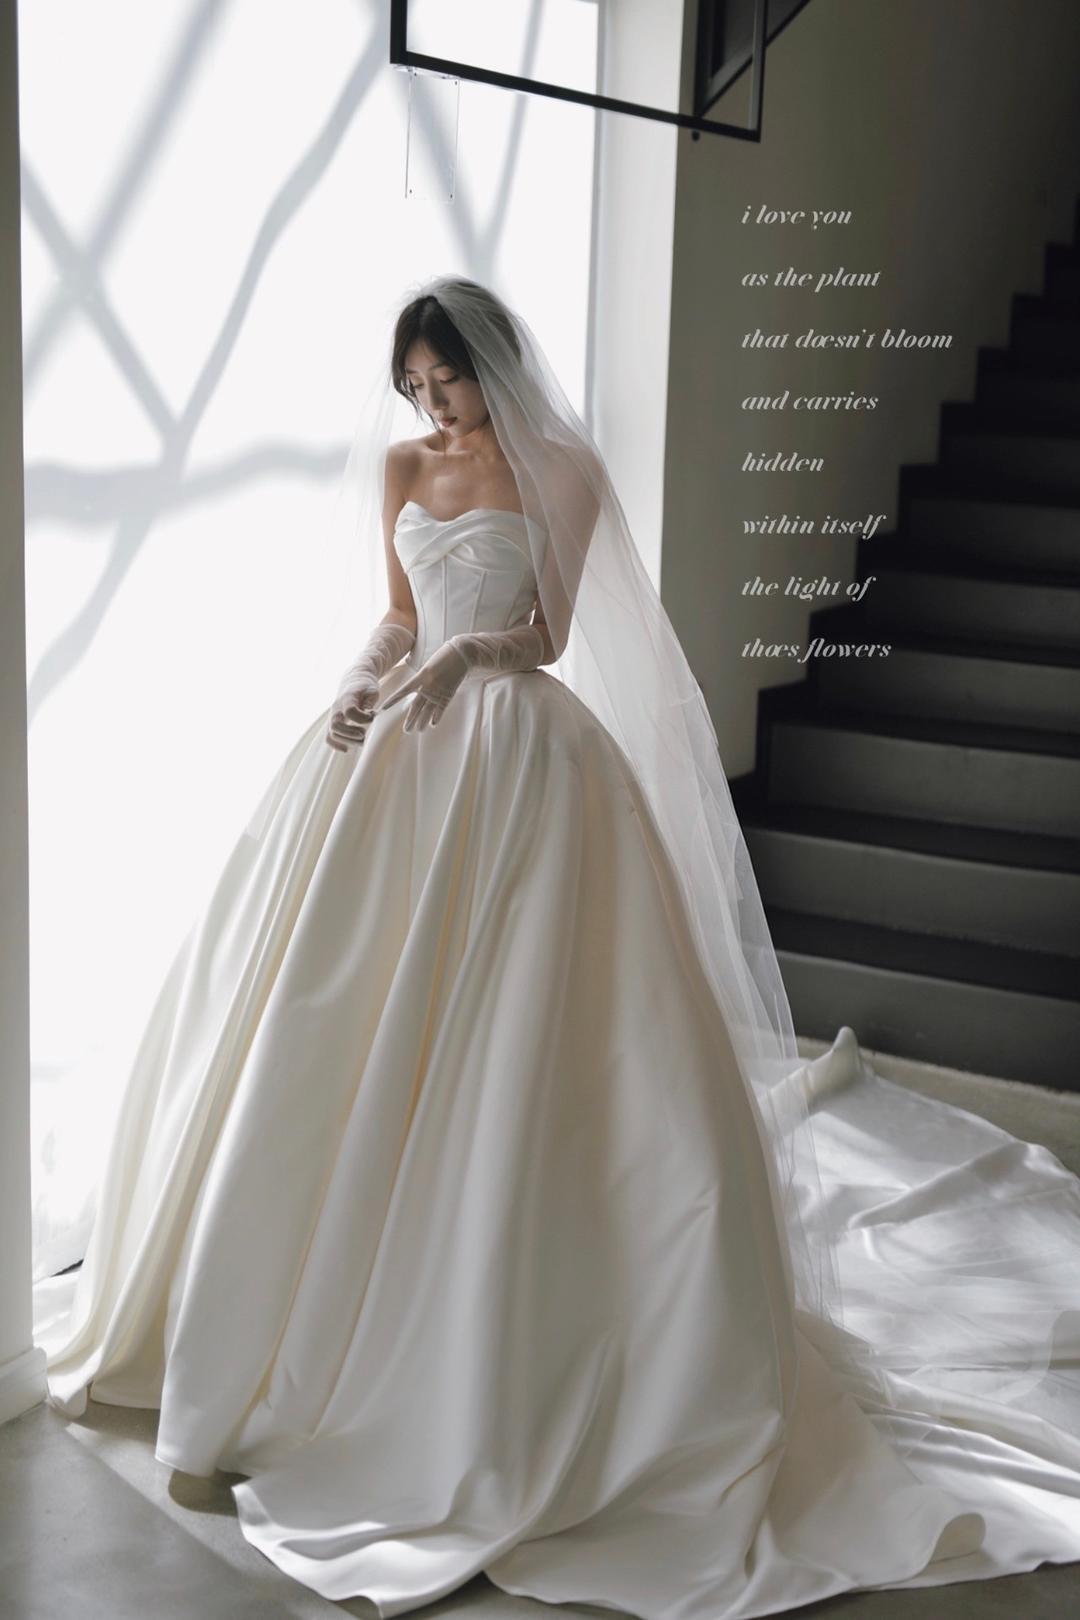 新娘婚纱礼服新款图片2020 新娘婚纱礼服图片大全图片